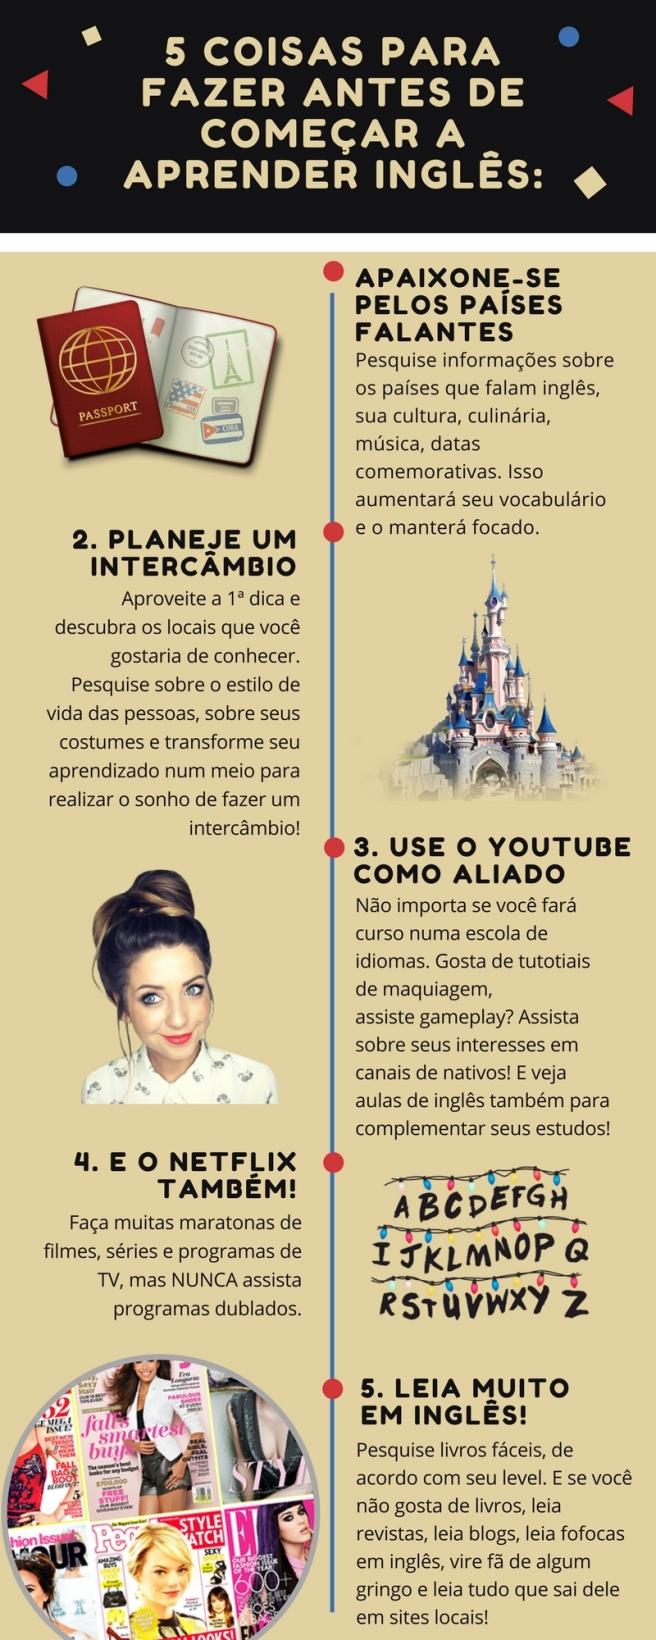 Coisas para fazer antes de aprender inglês_